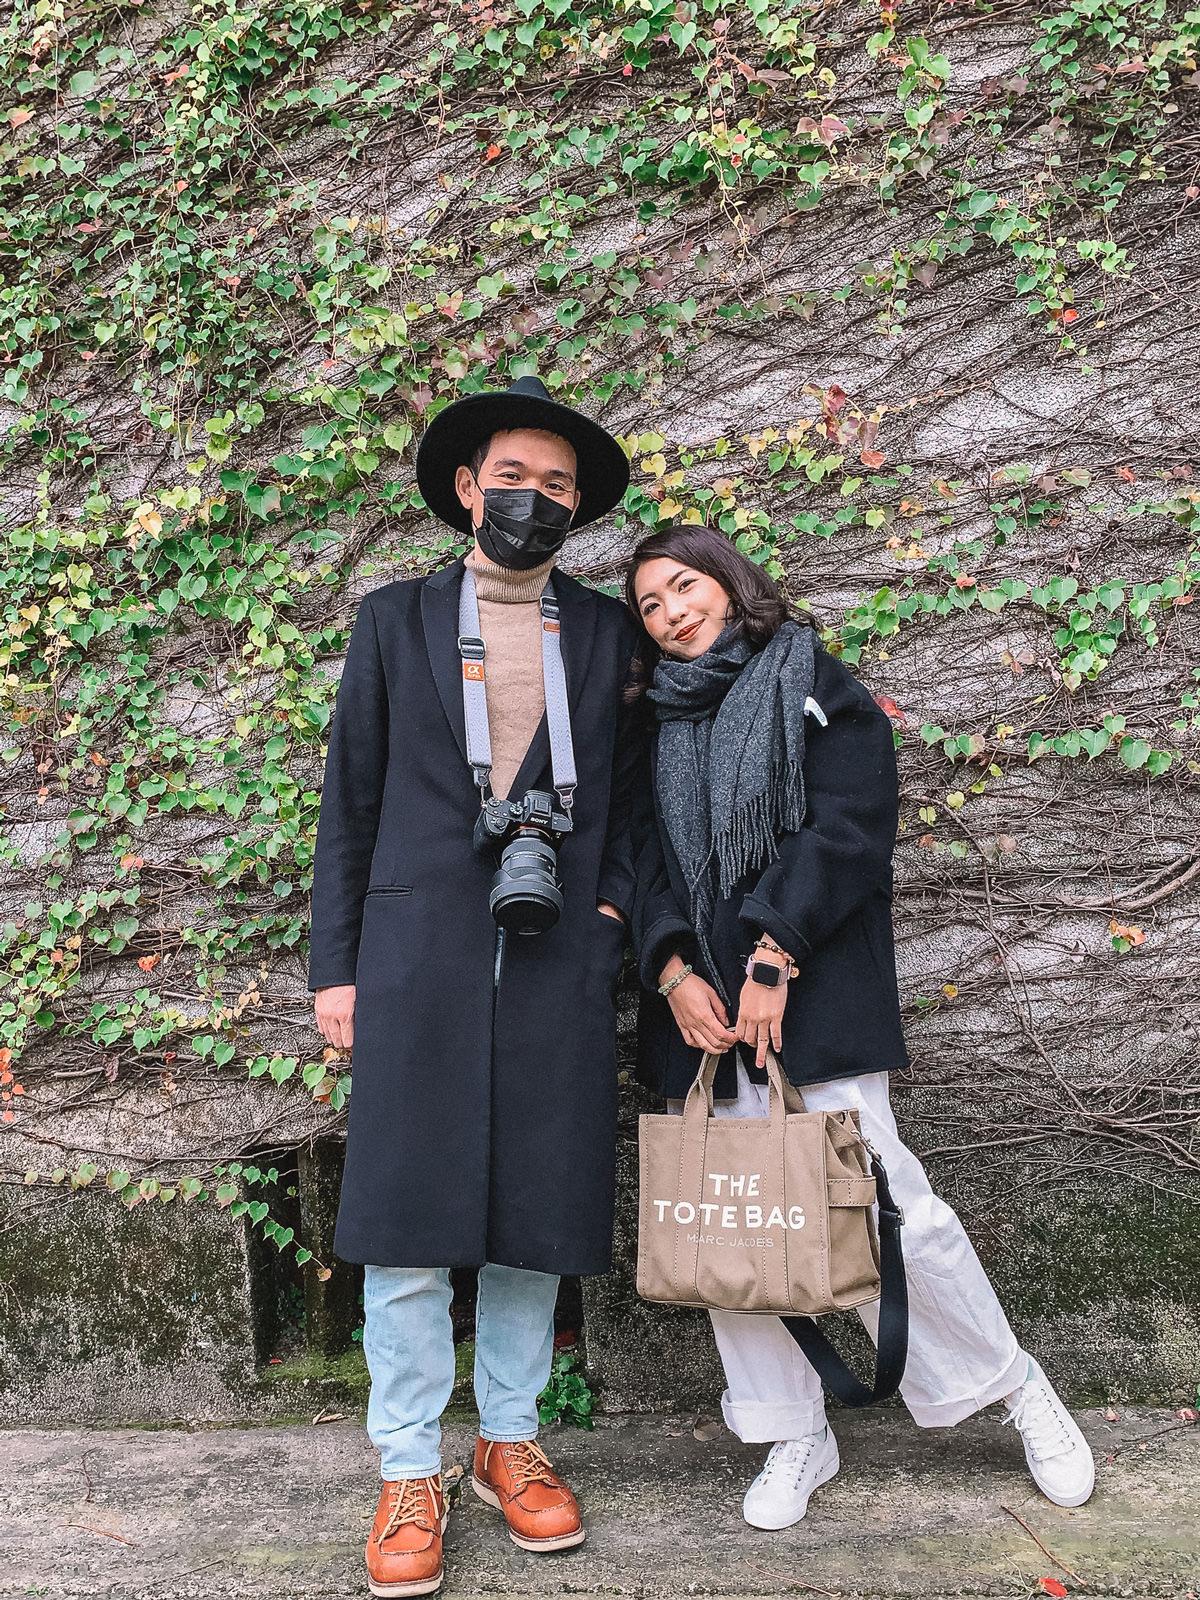 【小隻女穿搭】淘寶羊毛大衣實穿,搭配容量很巨的Marc Jacobs Tote bag 👍